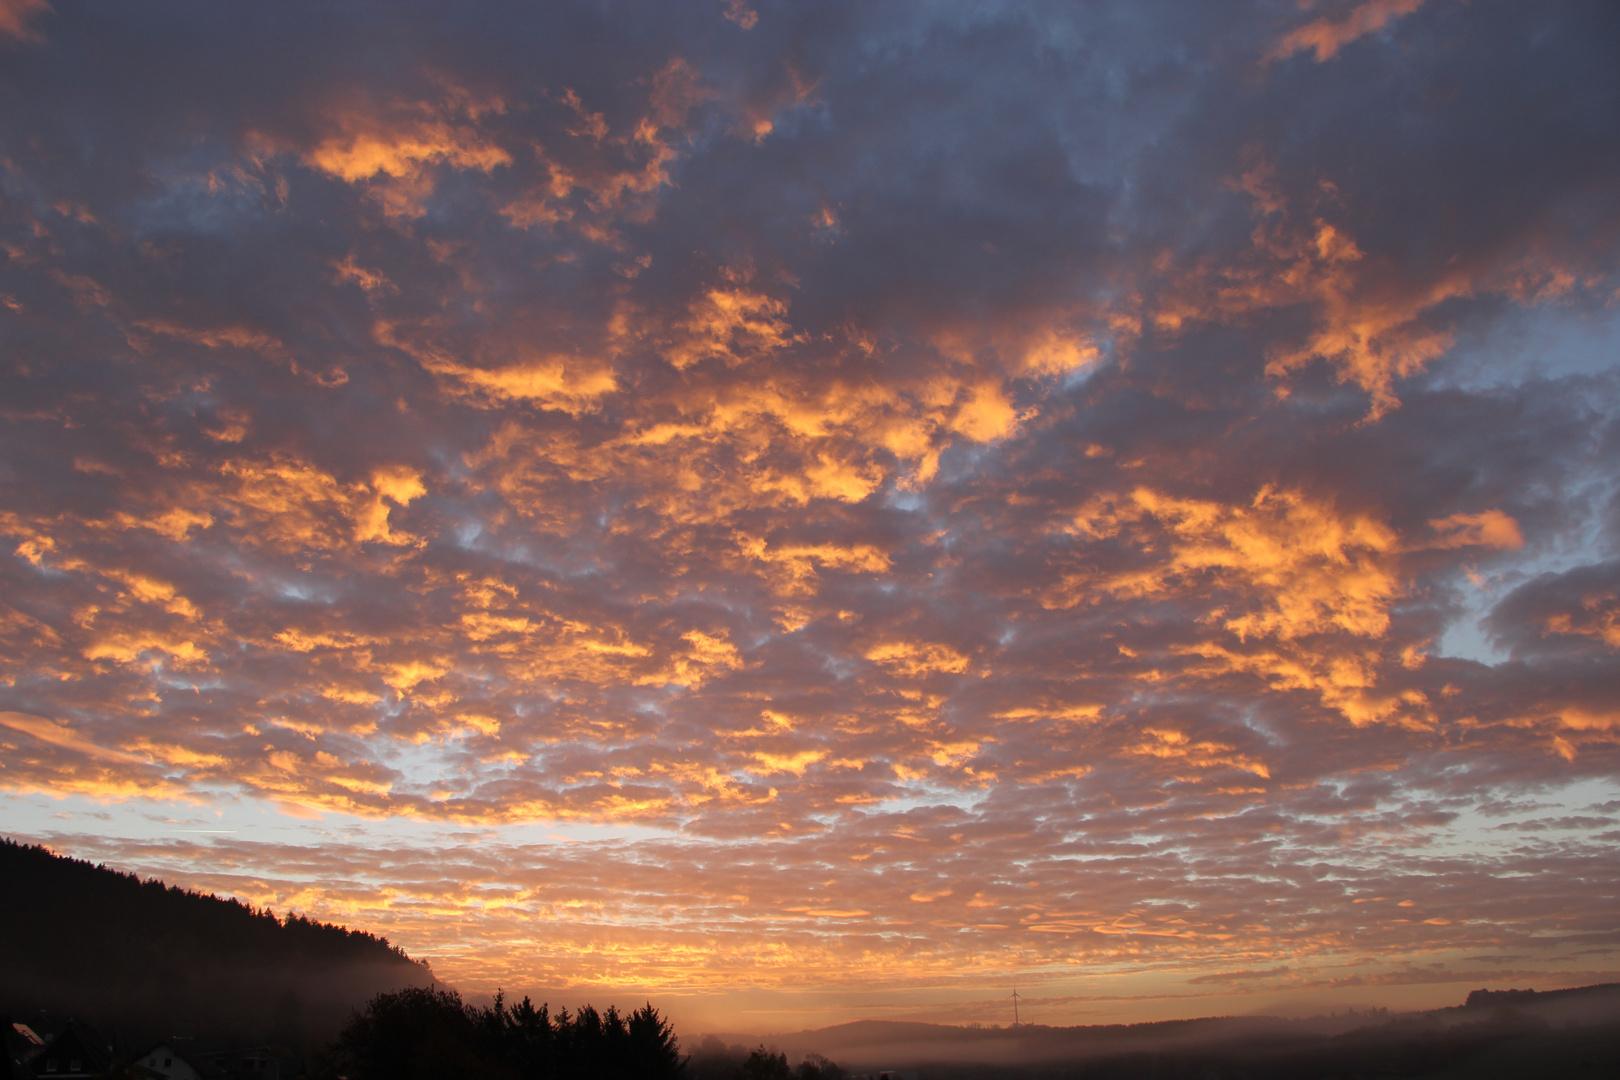 Sonnenaufgang über Hesselbach/Wittgenstein